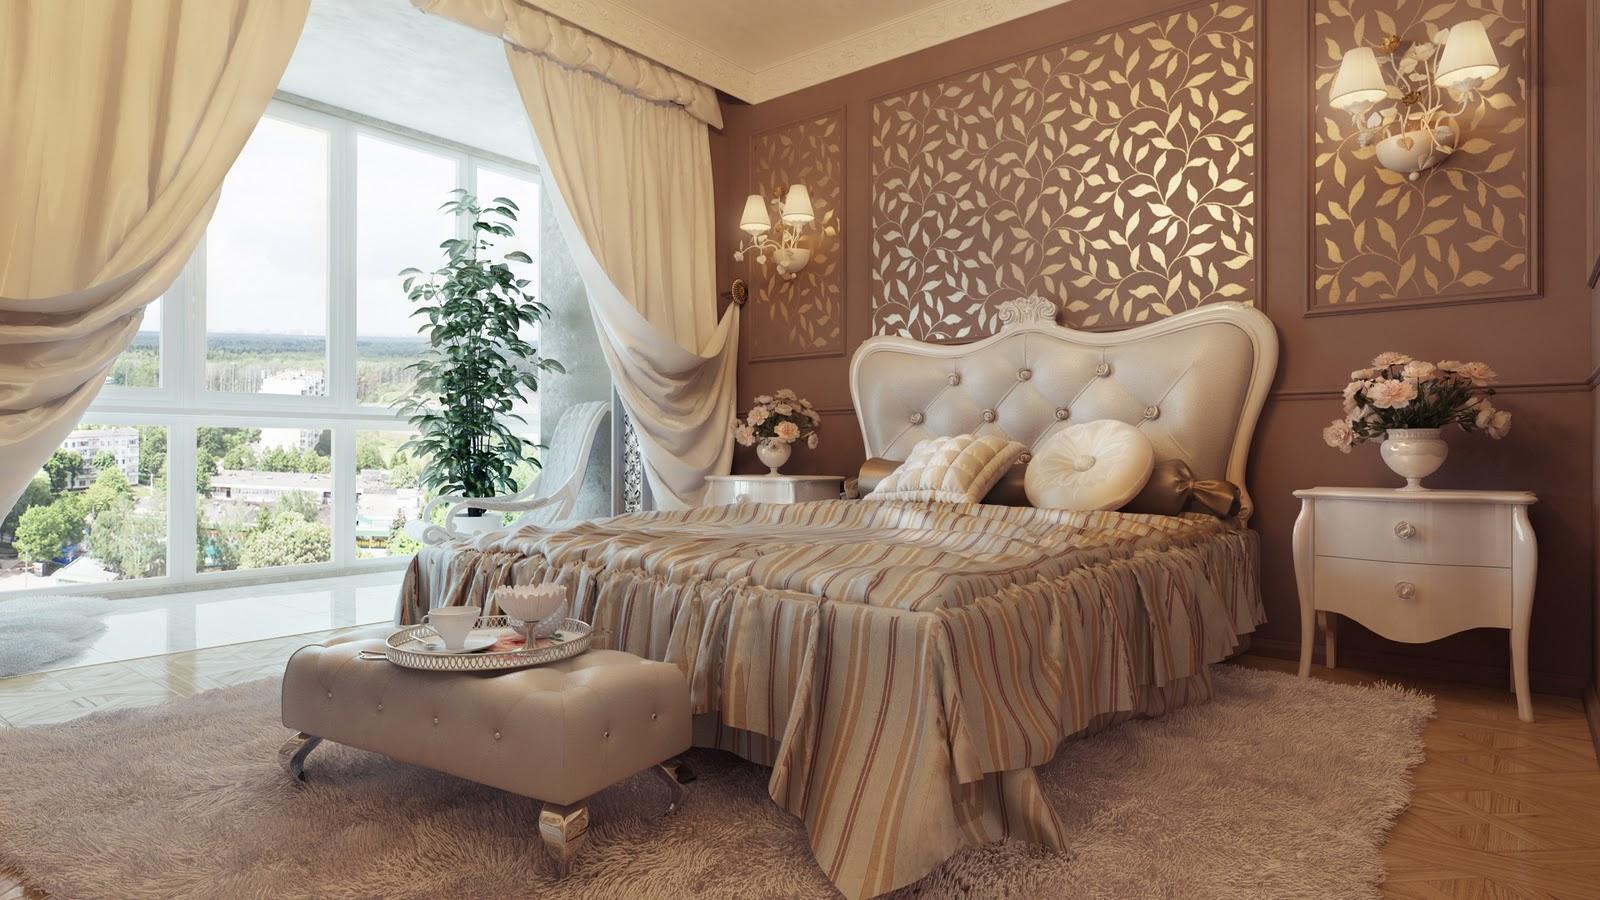 Desain Interior Kamar Tidur Klasik Warna Krem Dan Putih.txt